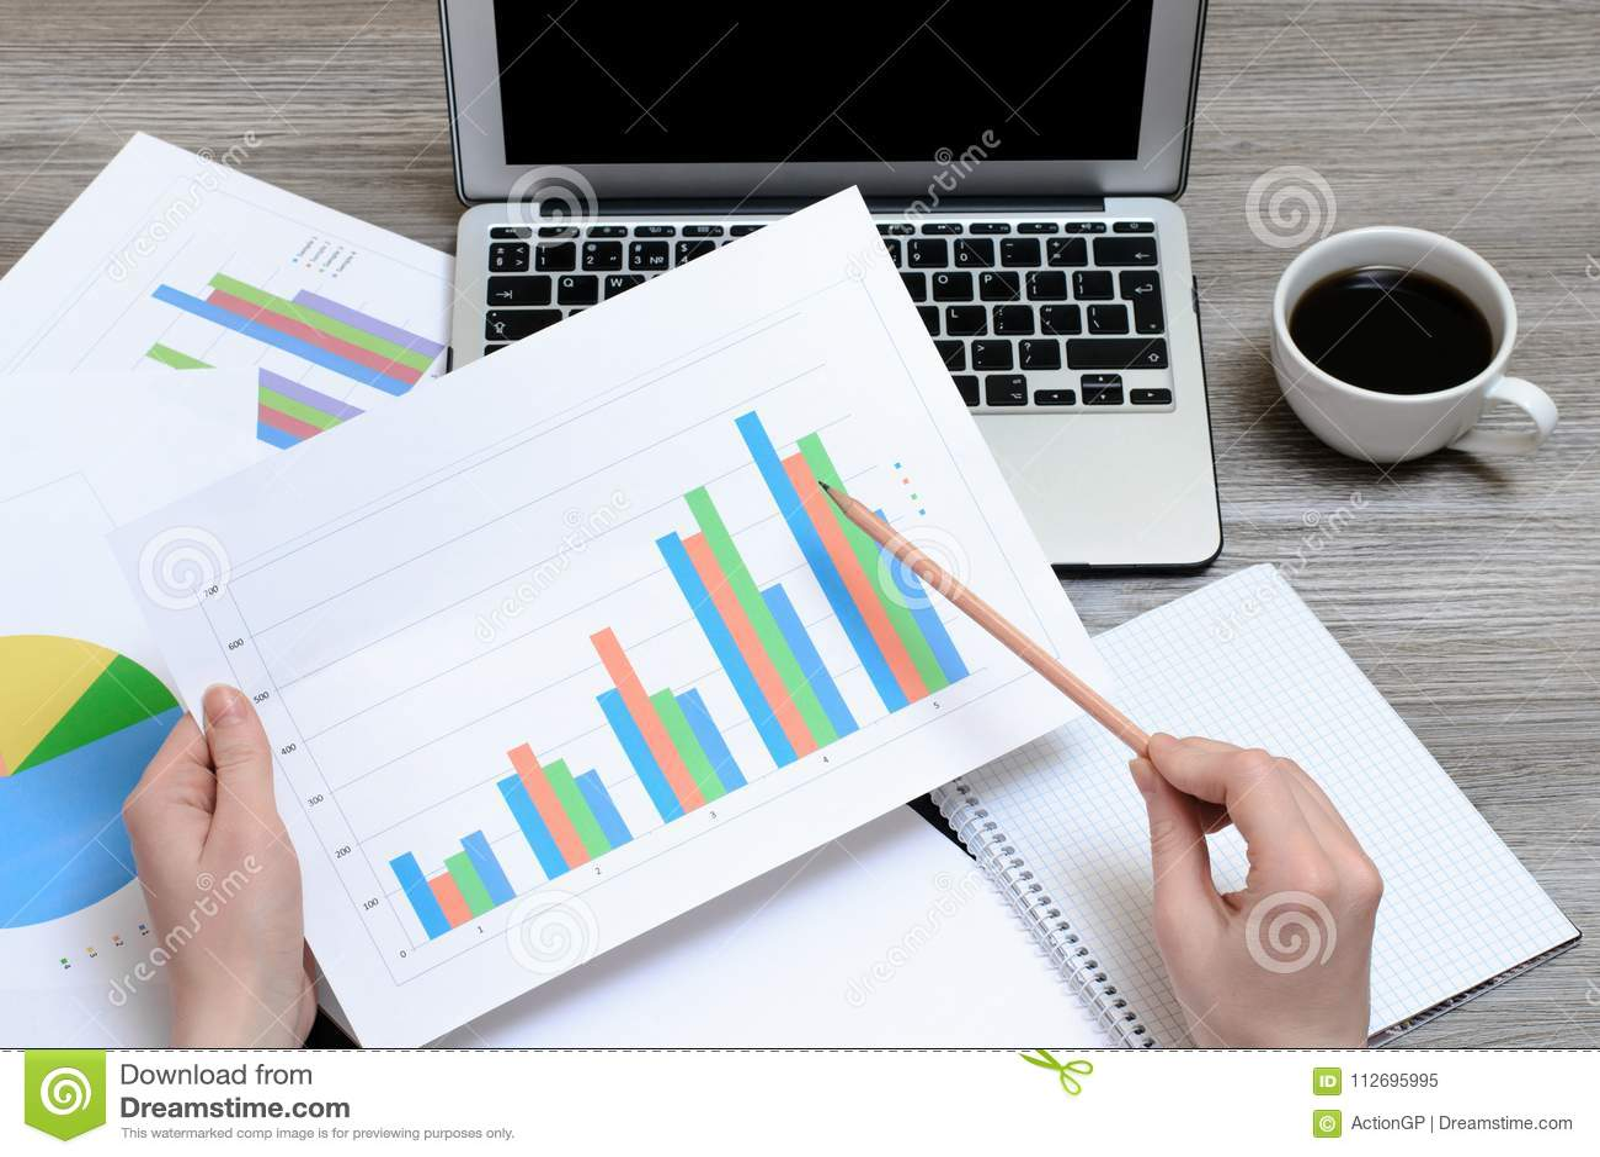 看图表的工作者 在拿着图表,膝上型计算机,咖啡的手上的顶视图,工作场所工作站,最佳项目的进展